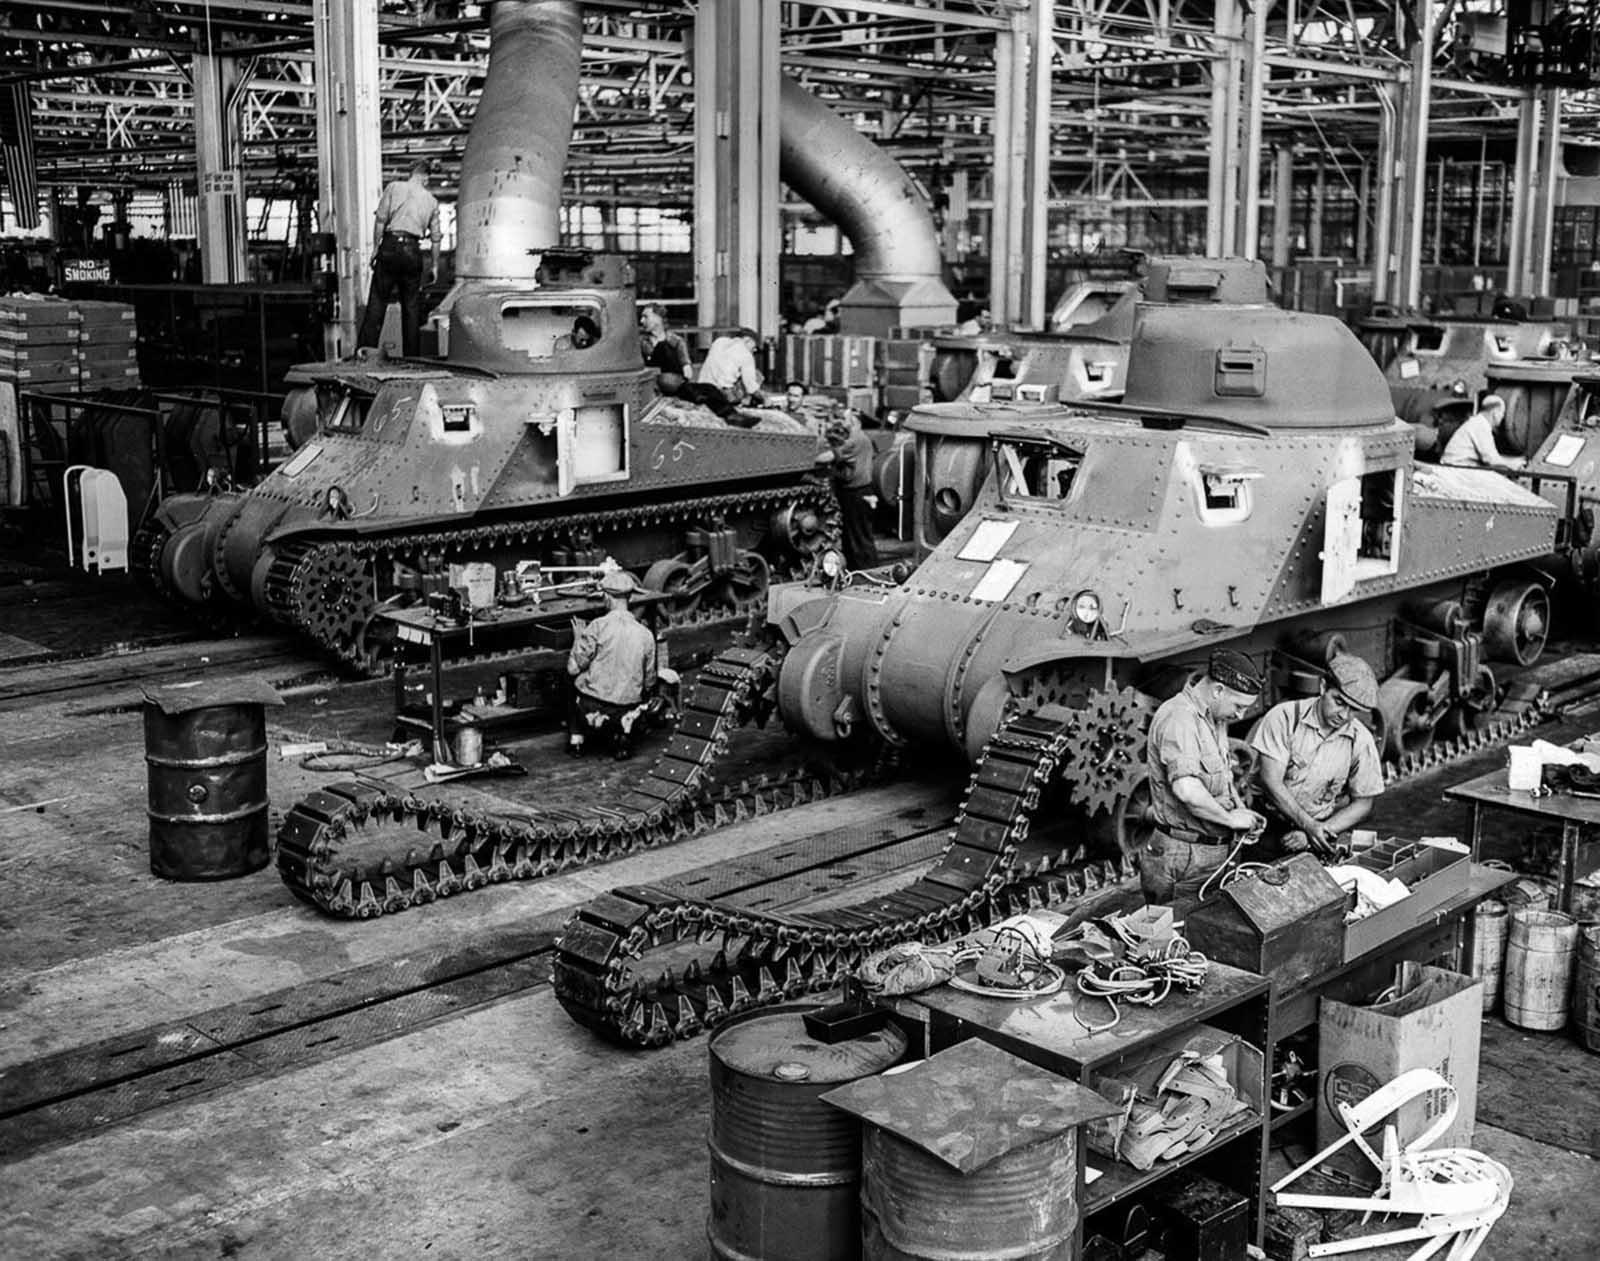 Los trabajadores ensamblan tanques M-3 en una fábrica estadounidense. 1942.